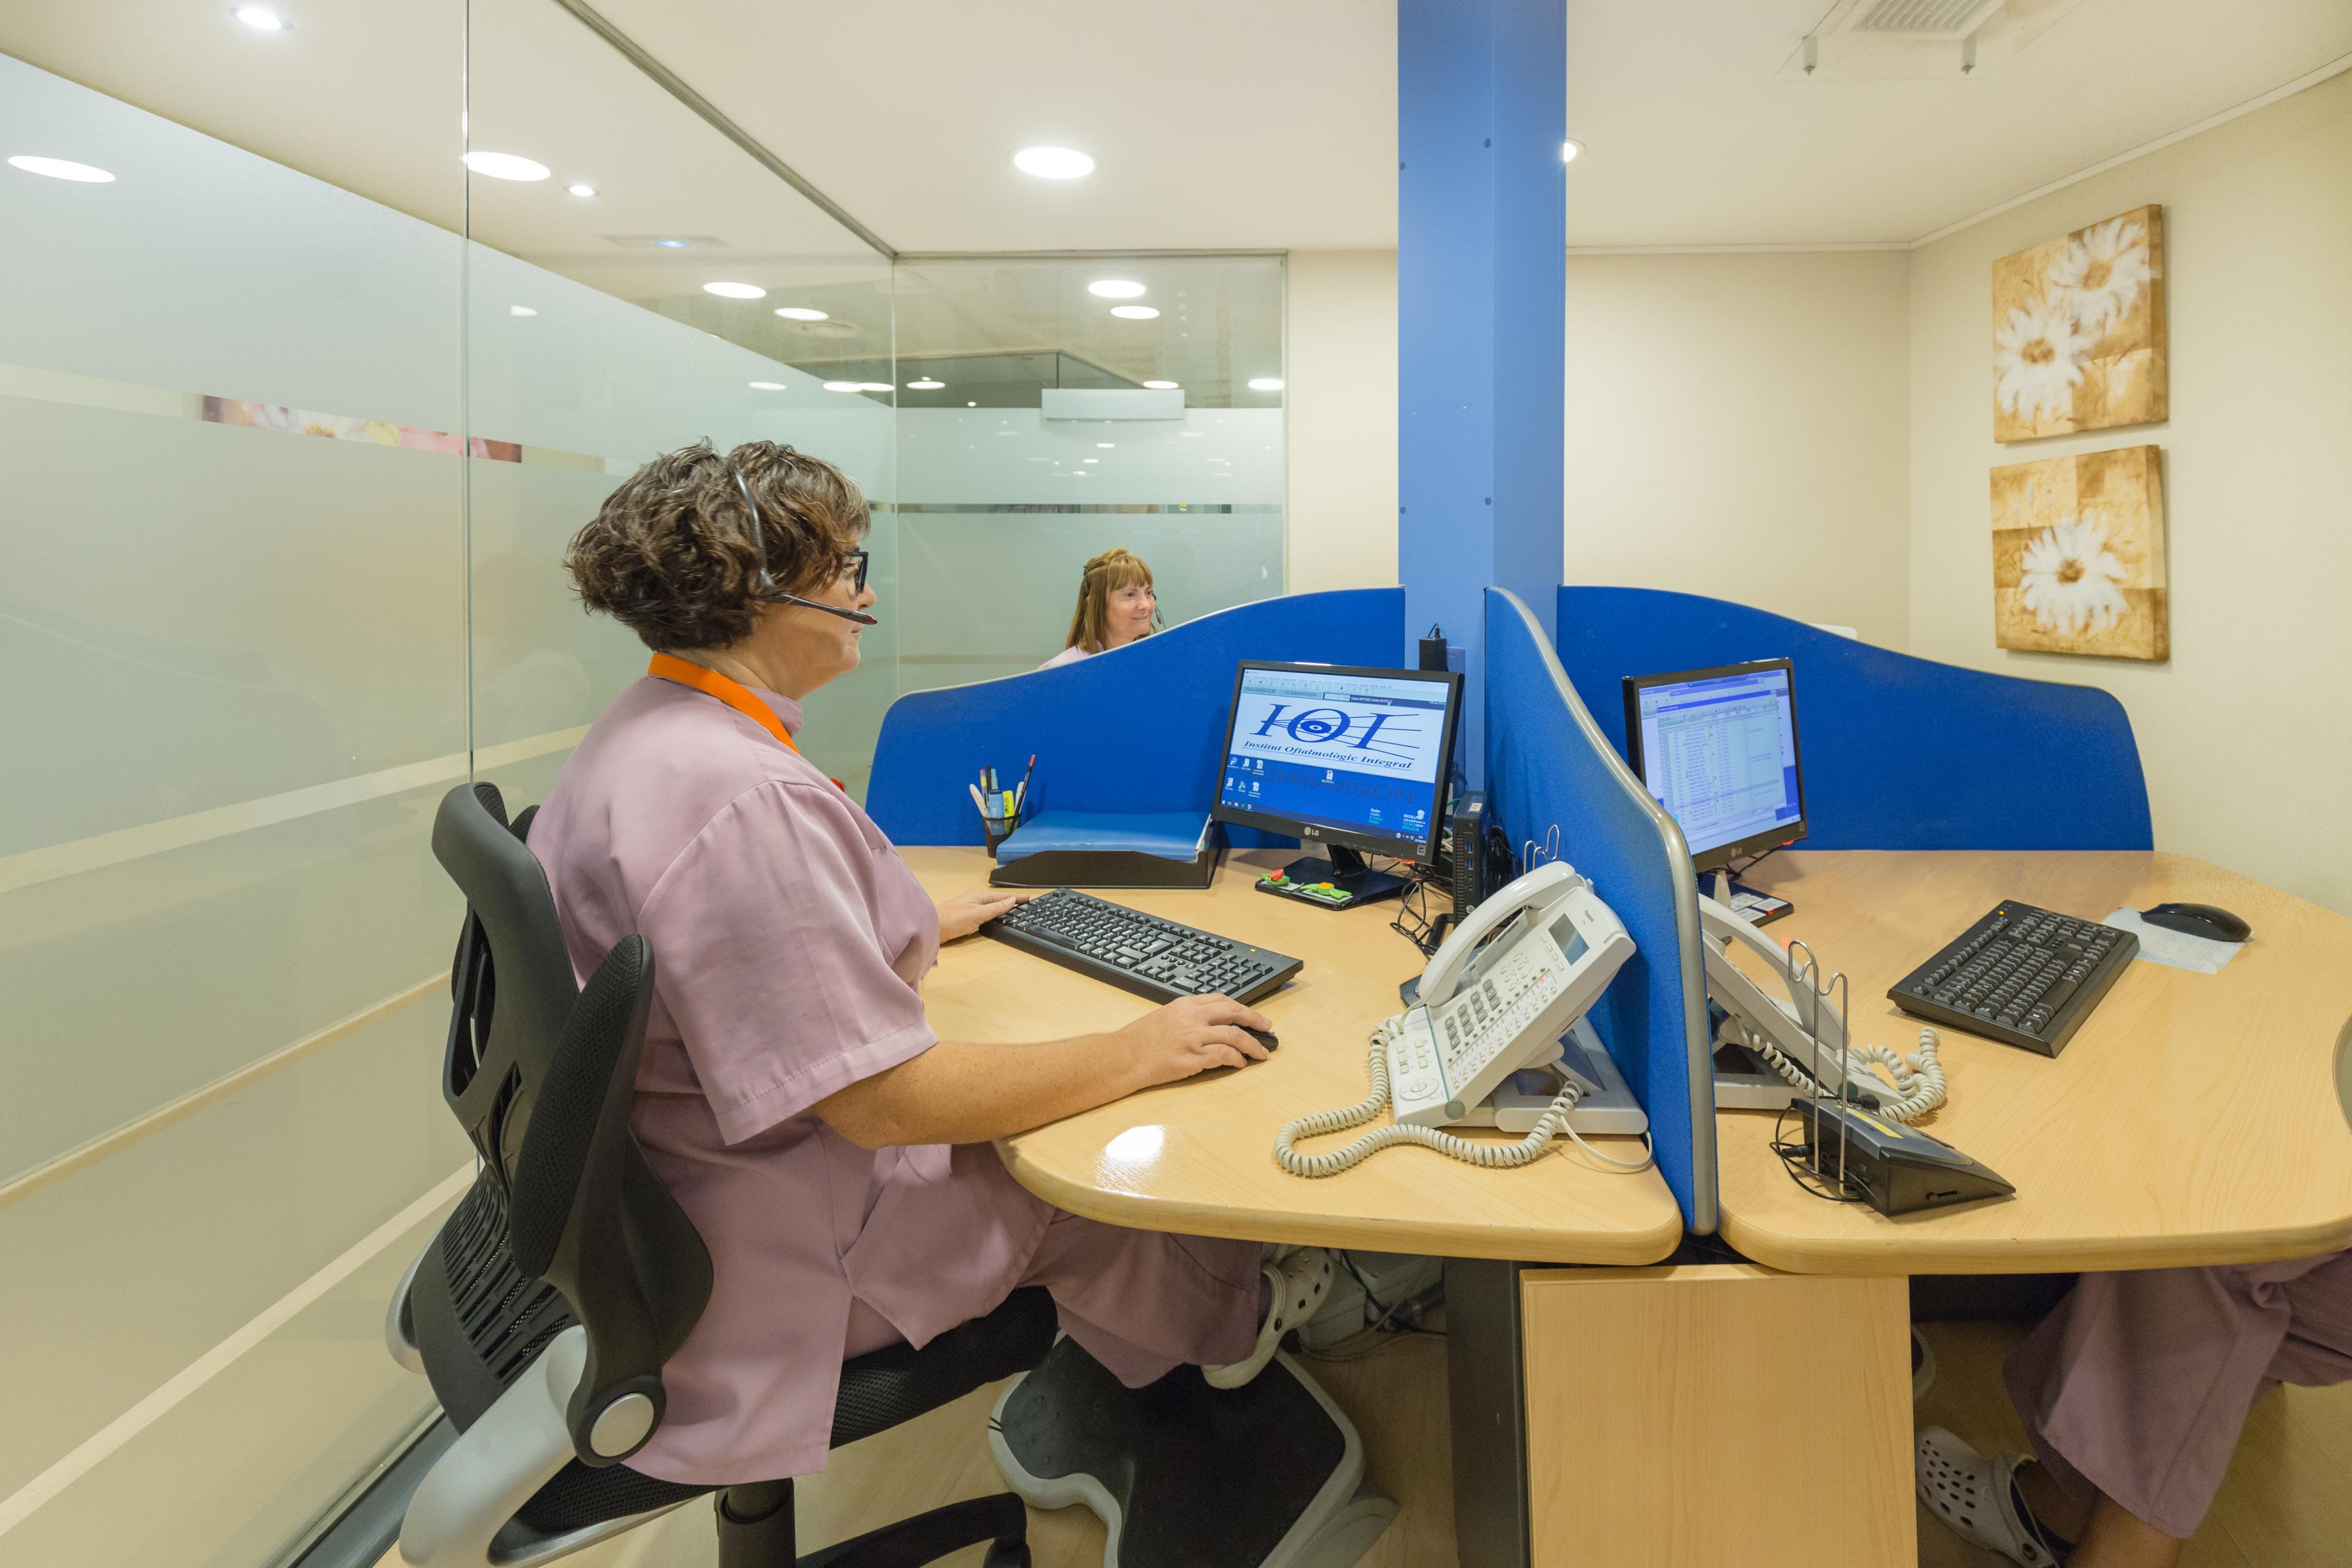 Oferta de feina: Atenció Telefónica – Call Center